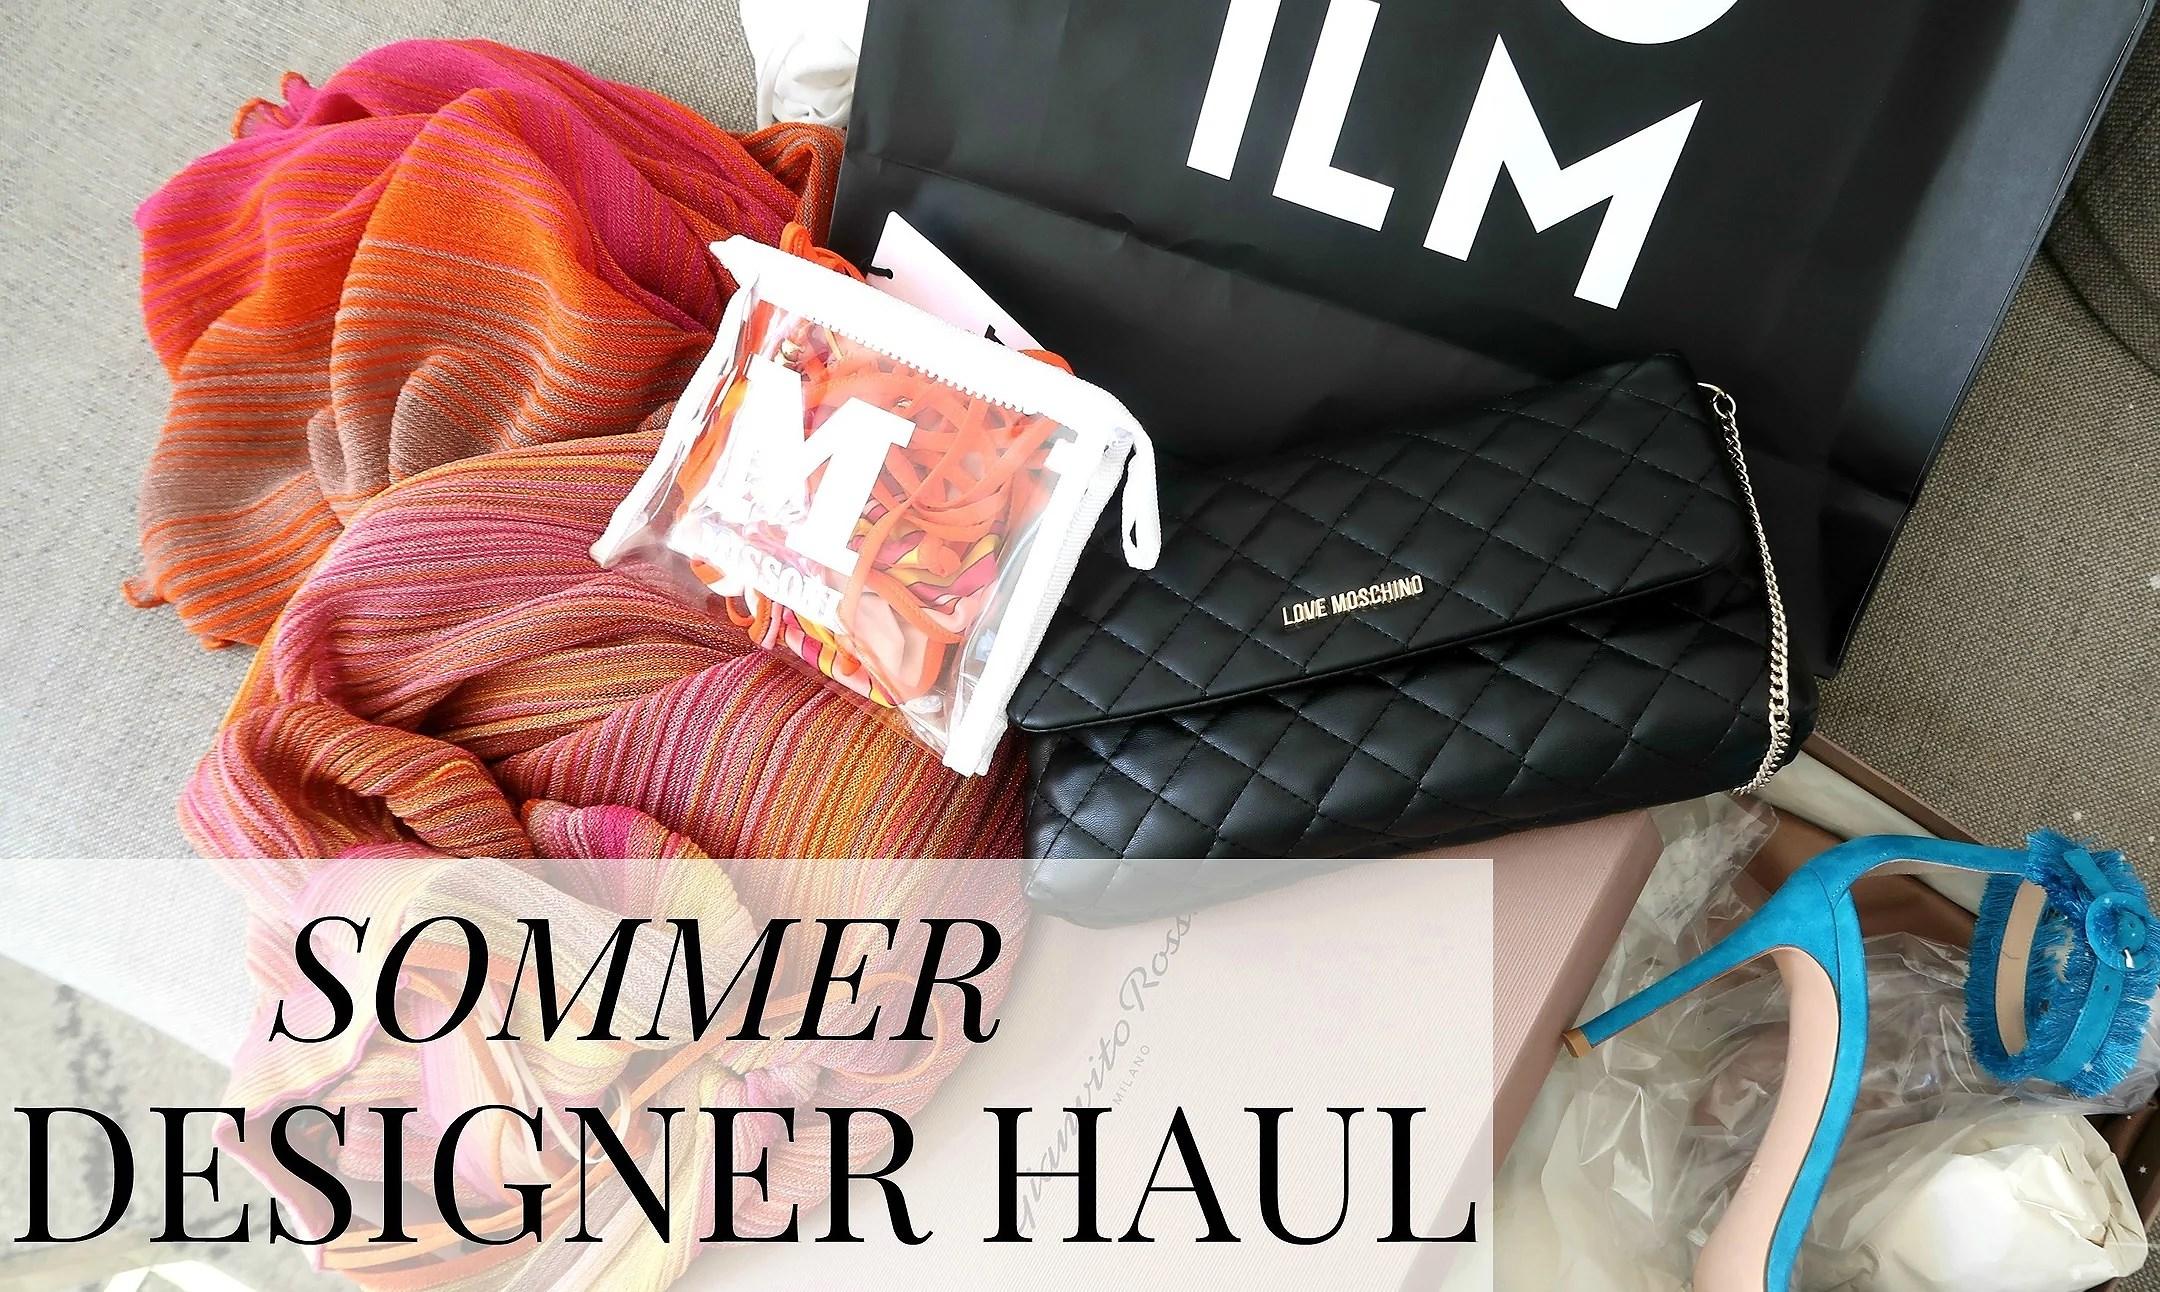 VIDEO: SOMMER DESIGNER HAUL